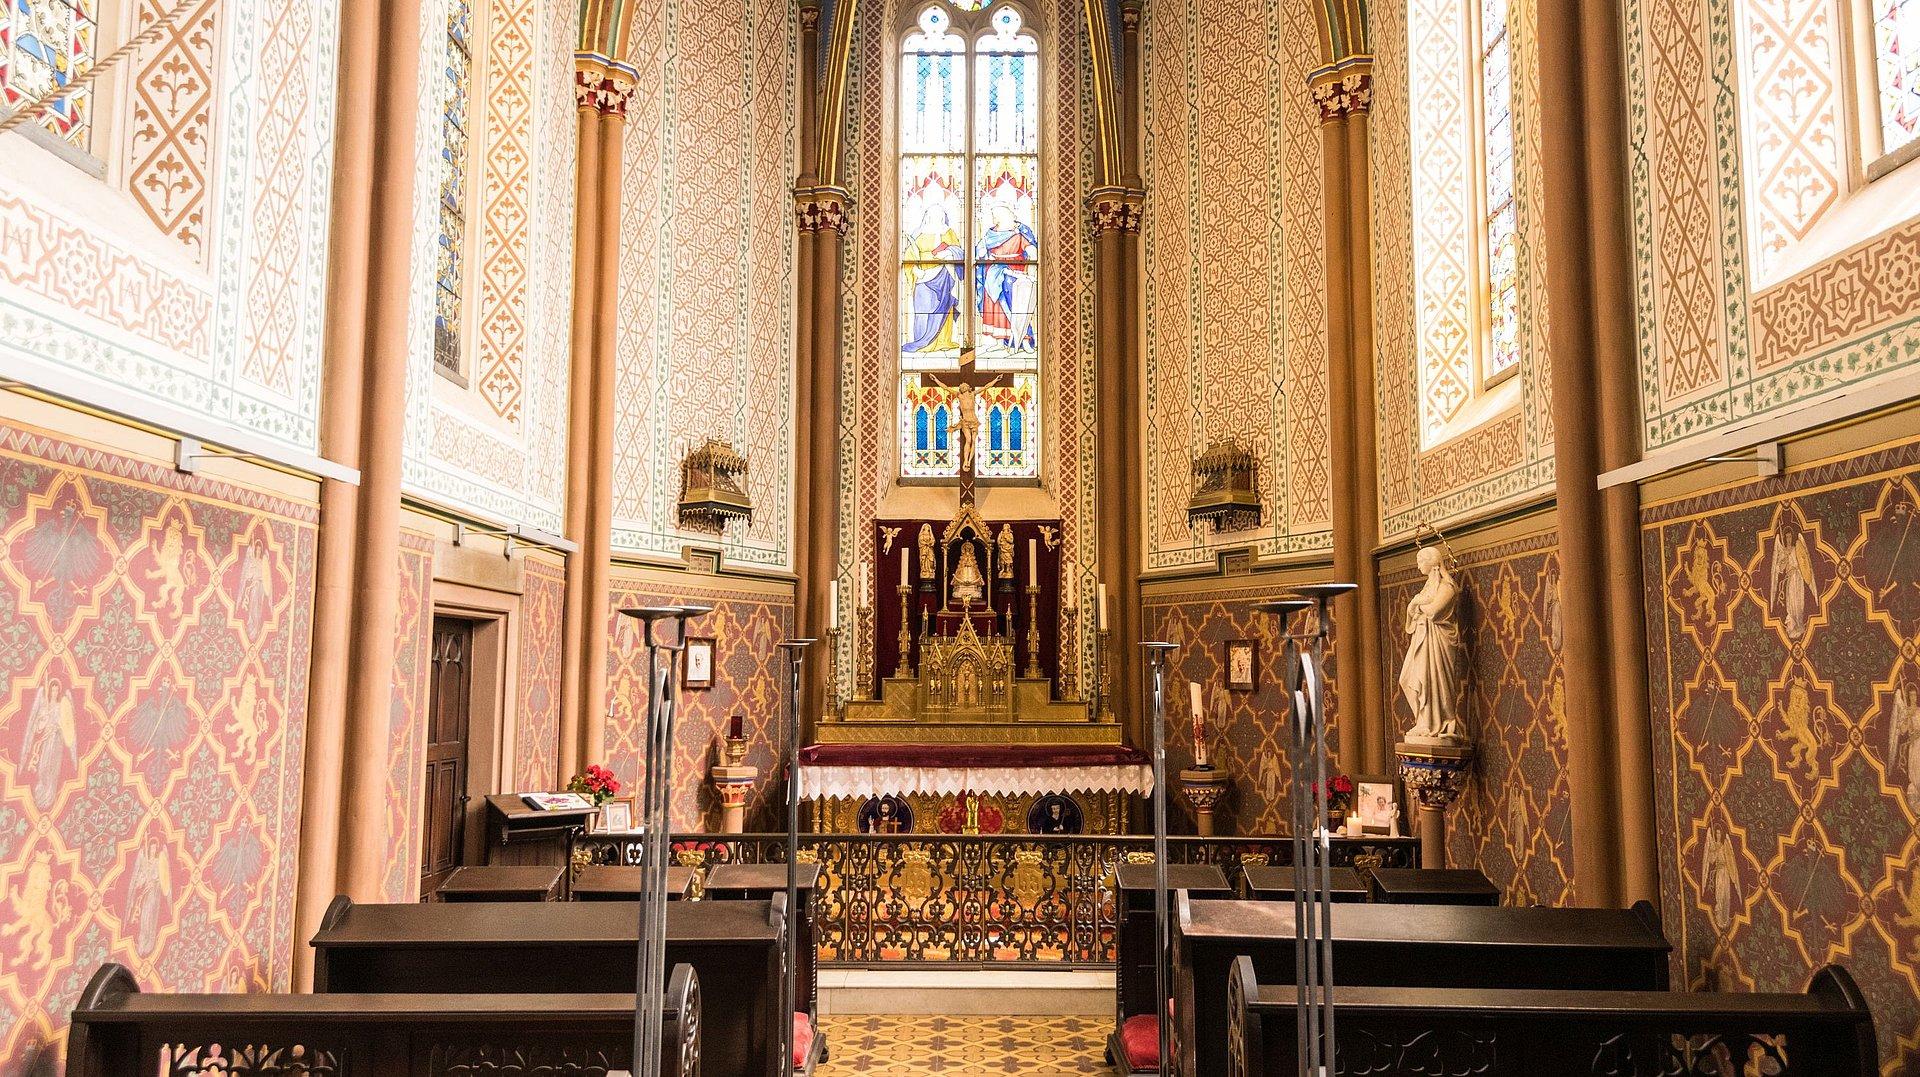 Goldener Altar in der Kapelle von Schloss Sayn, Romantischer Rhein